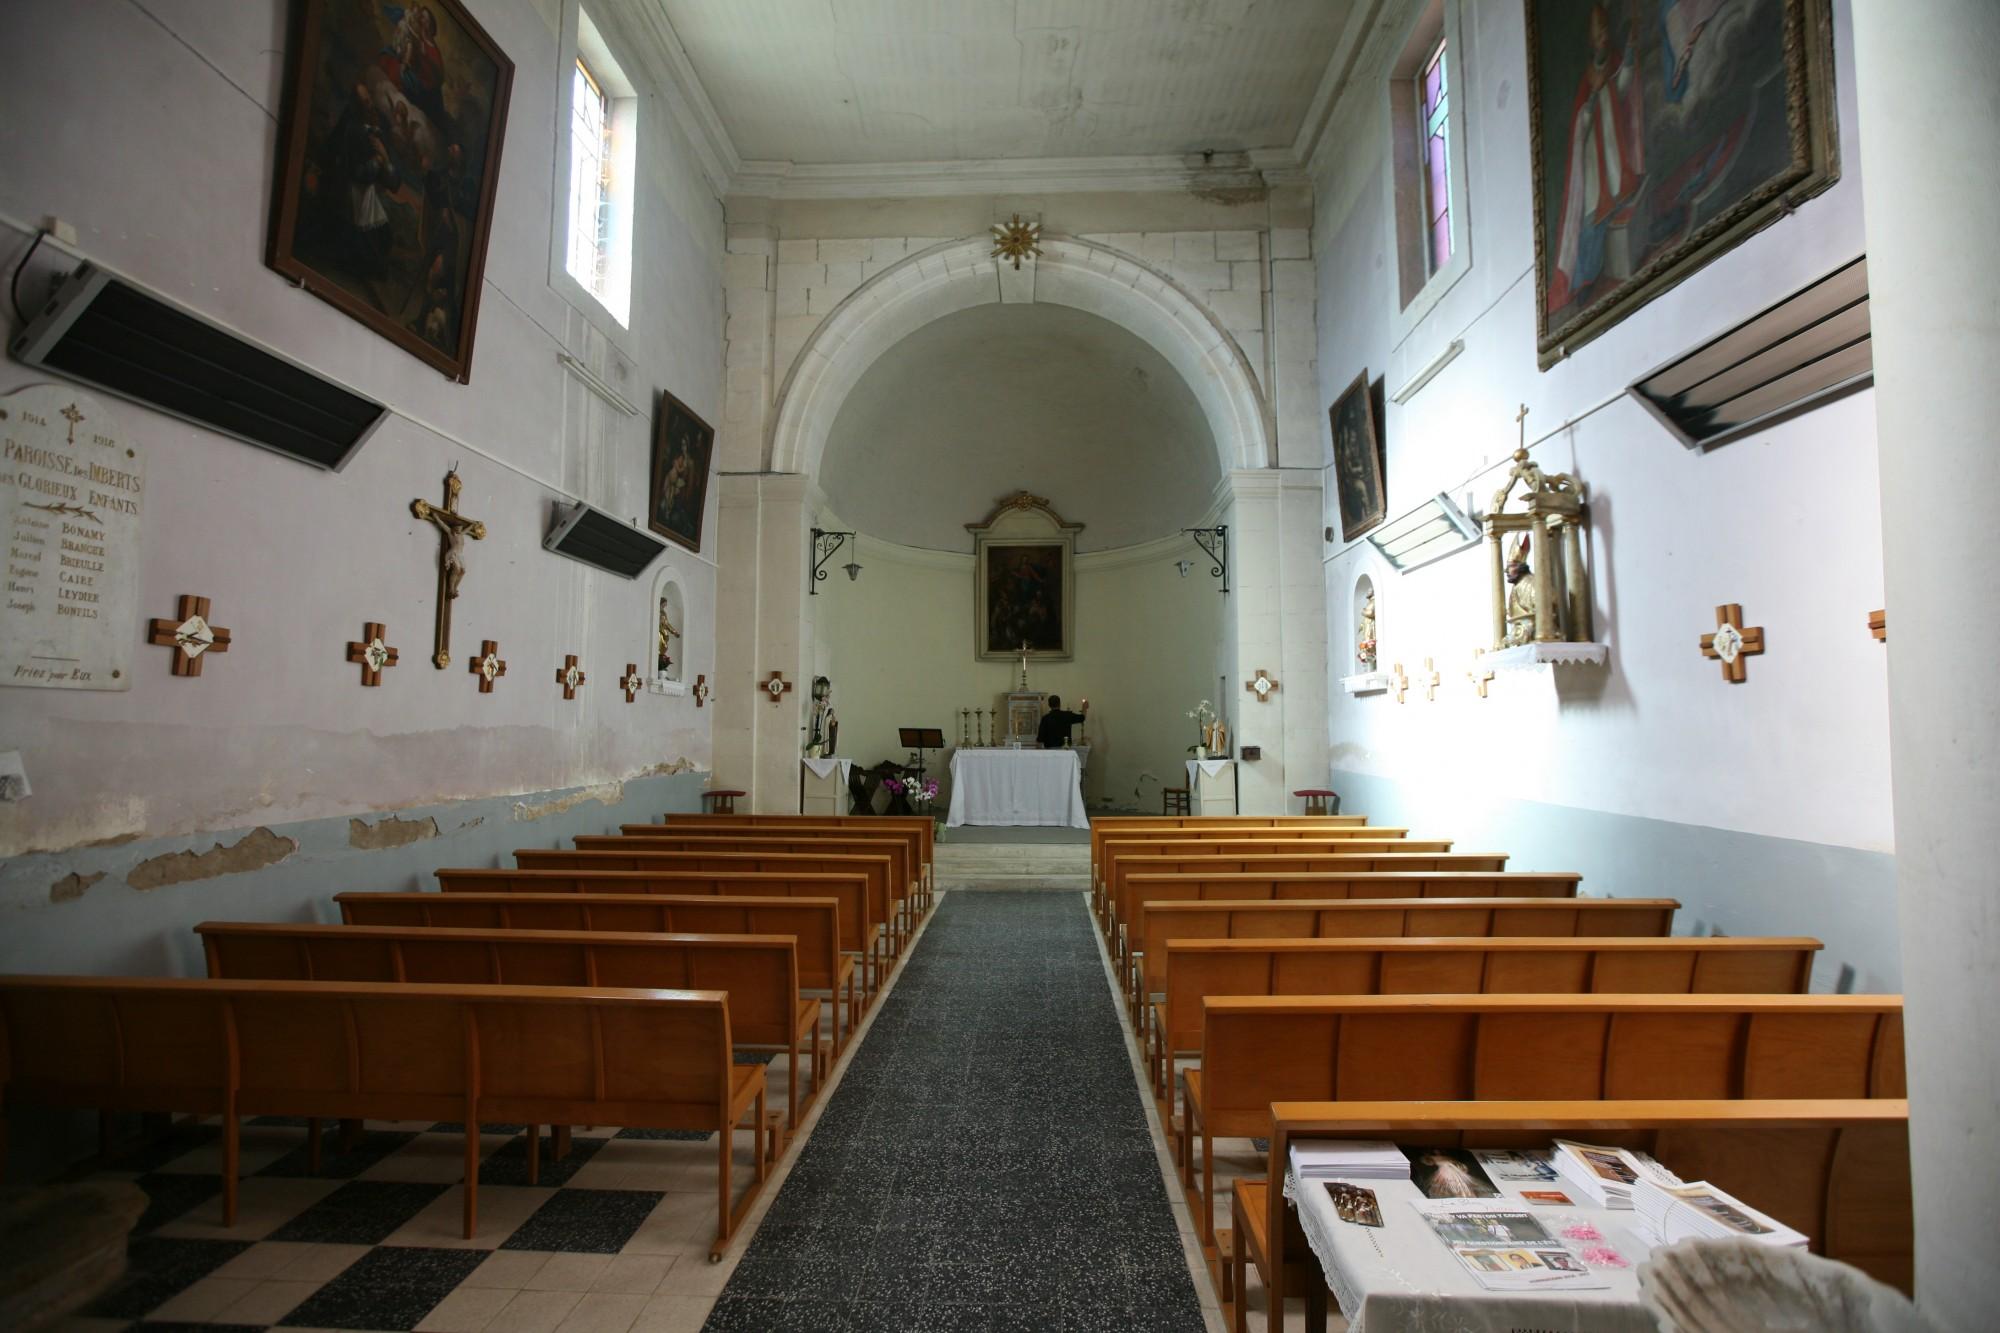 L'église du hameau des Imberts à Gordes